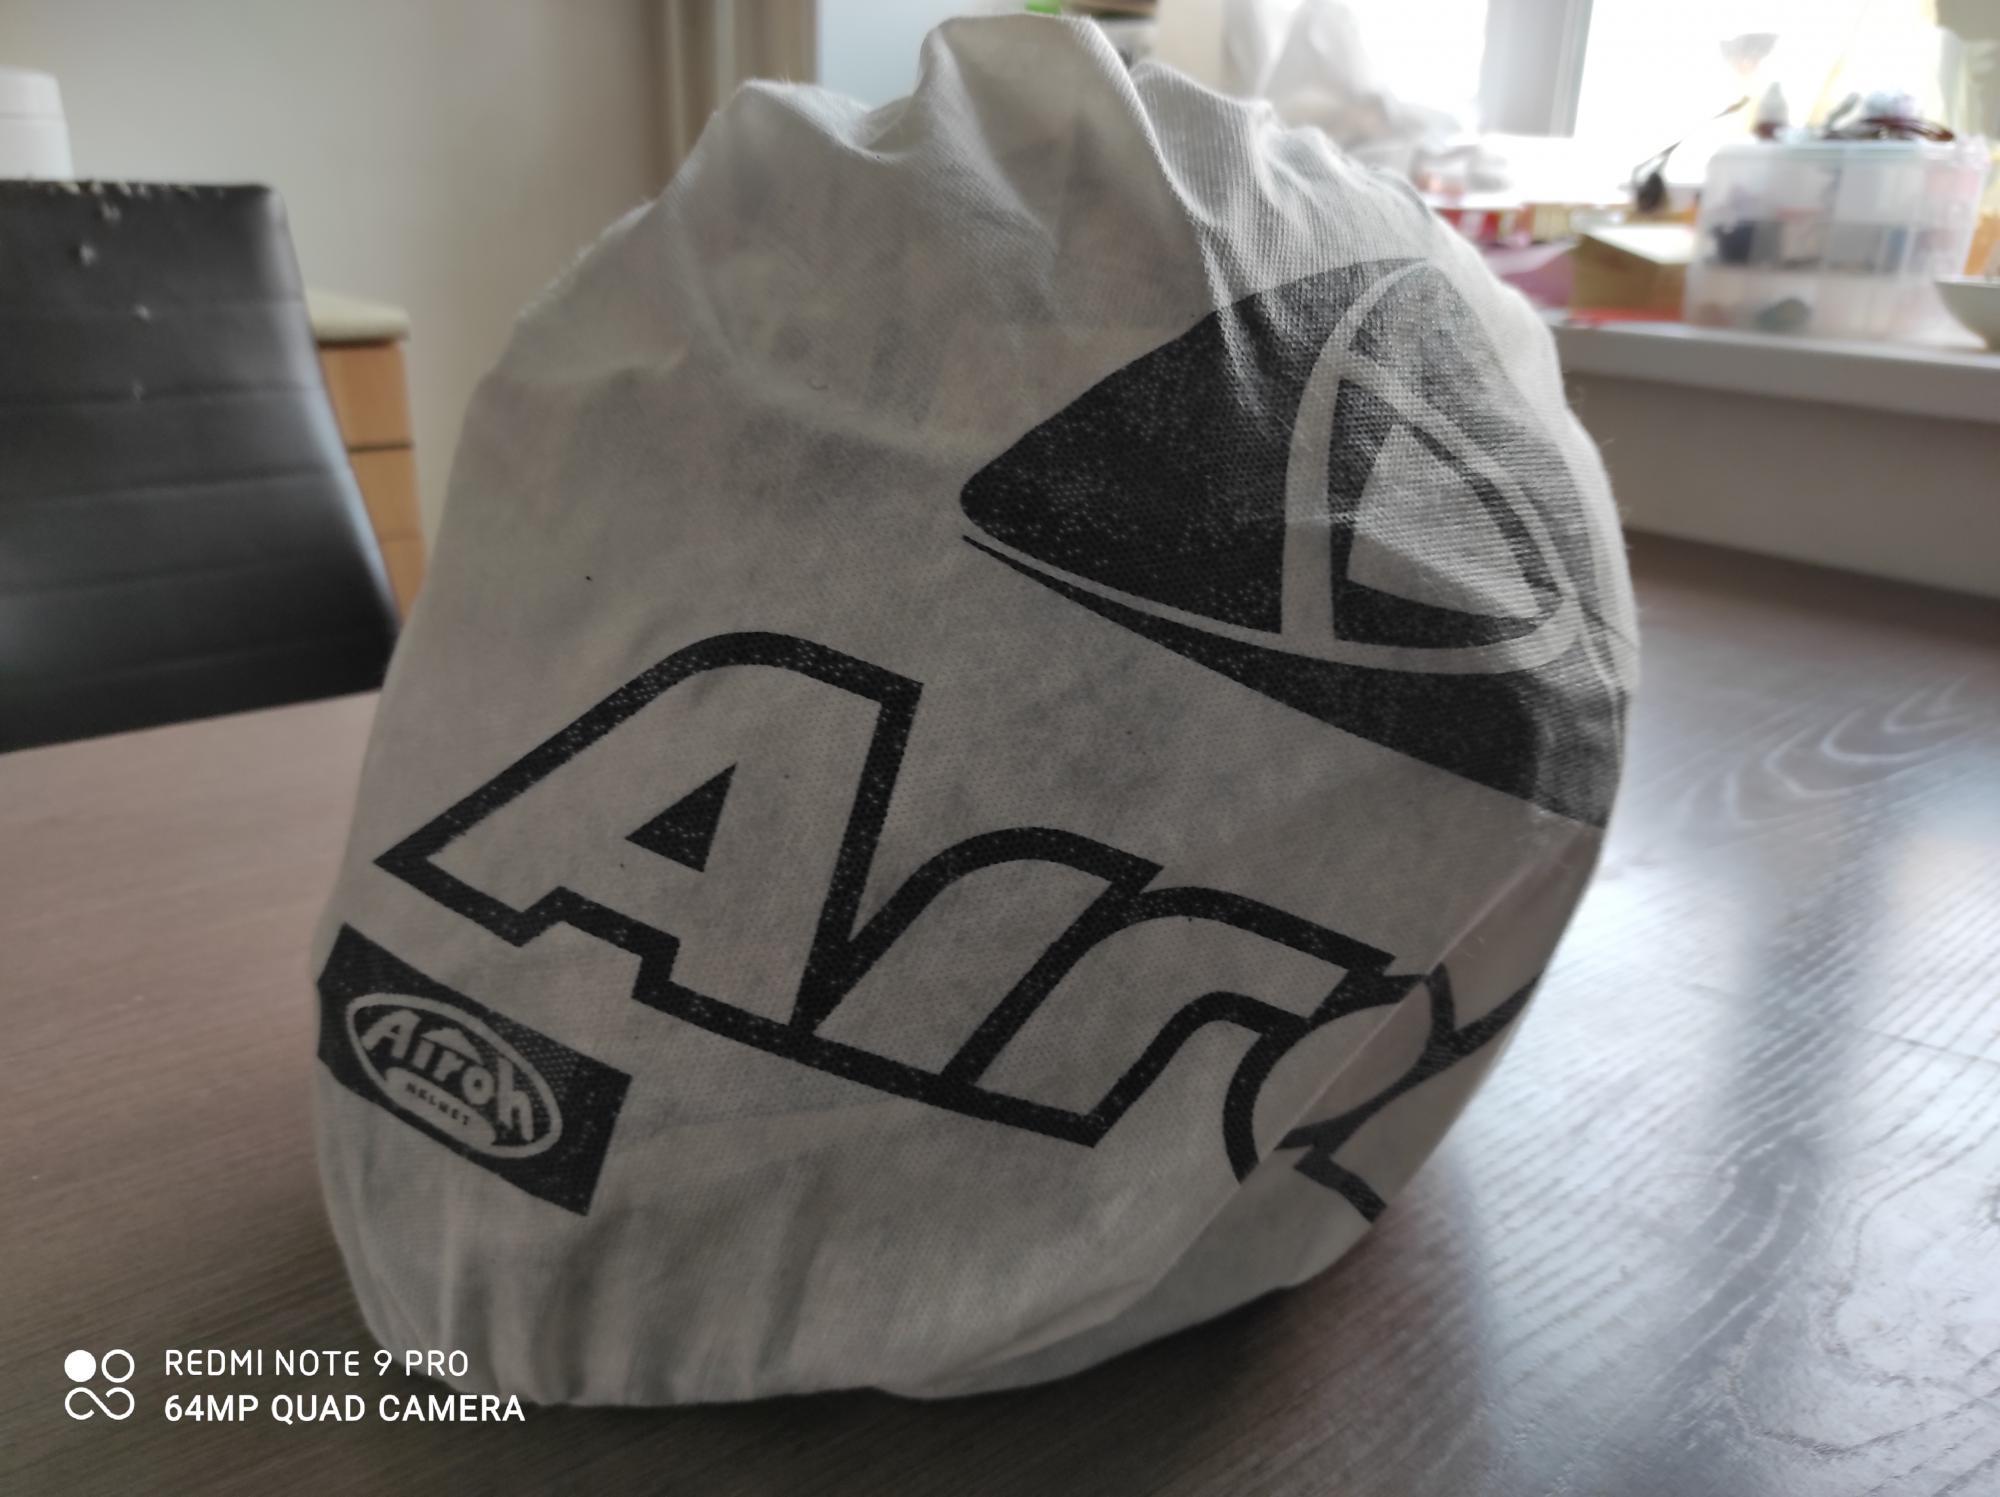 Airoh Movement Shot в Хабаровске 89990806637 купить 9